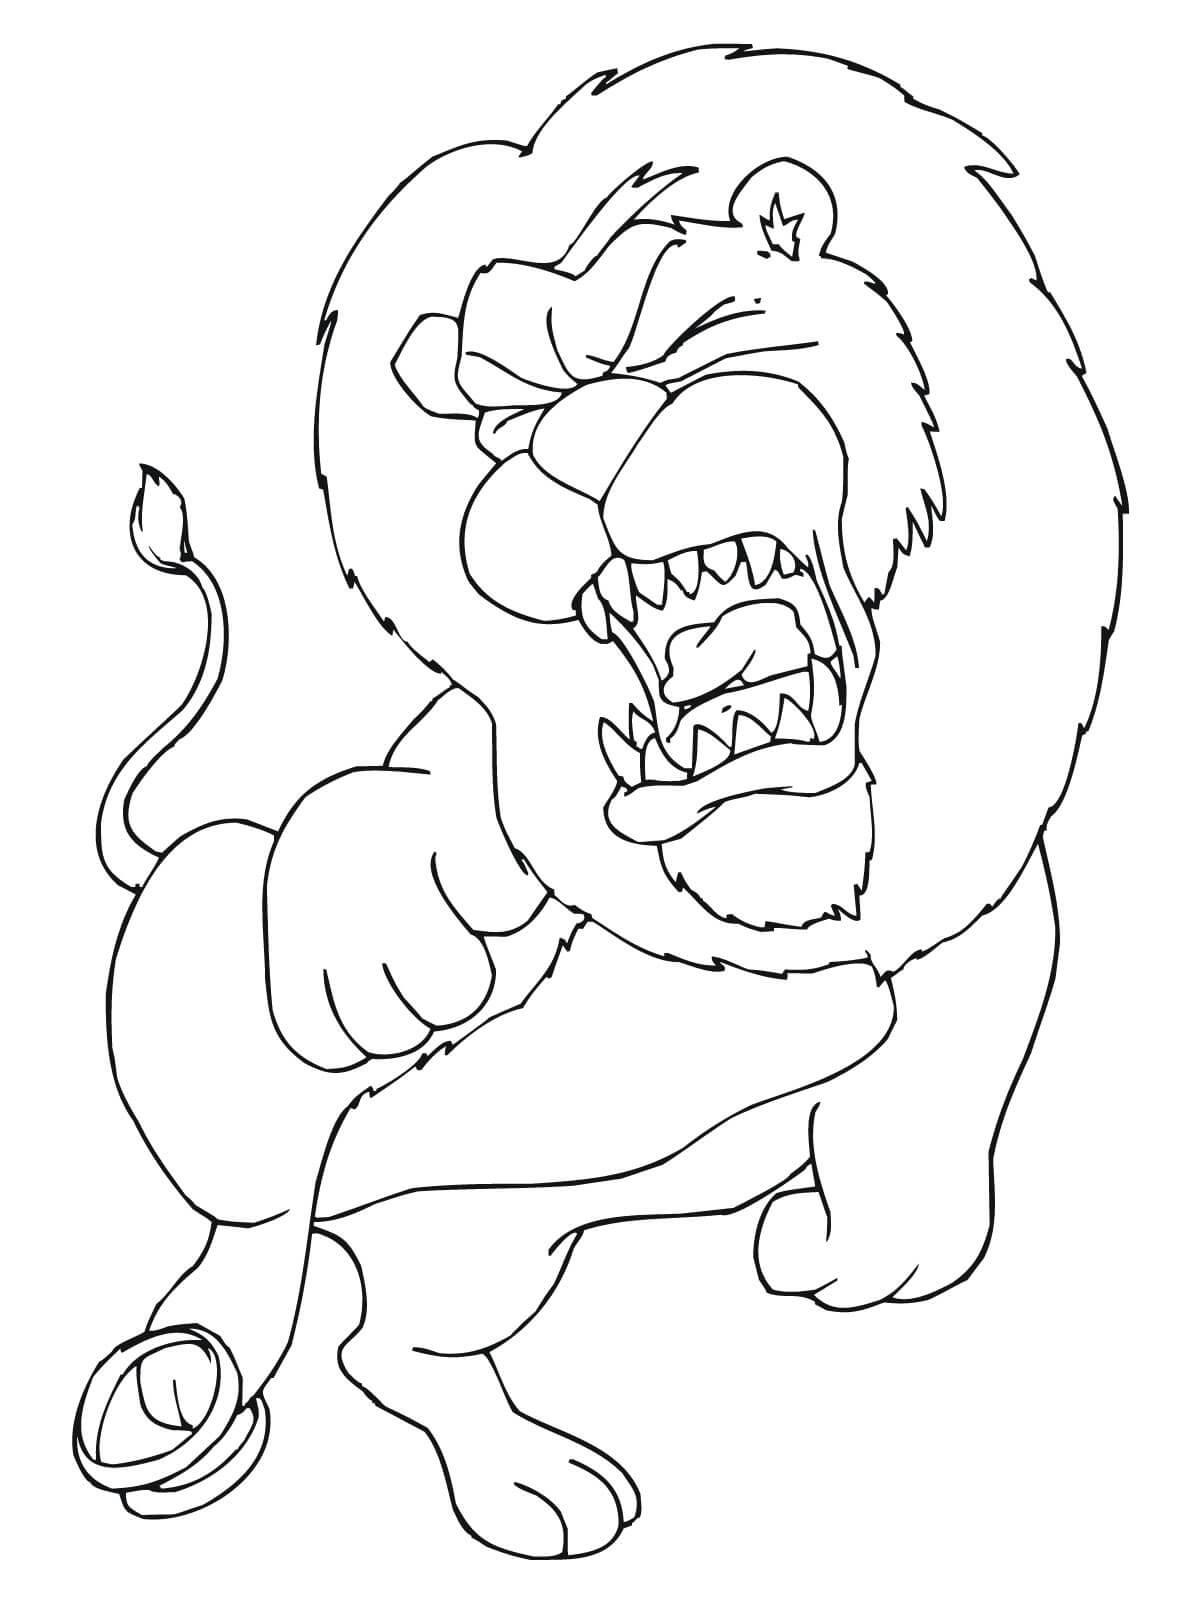 Tranh tô màu sư tử bị đau